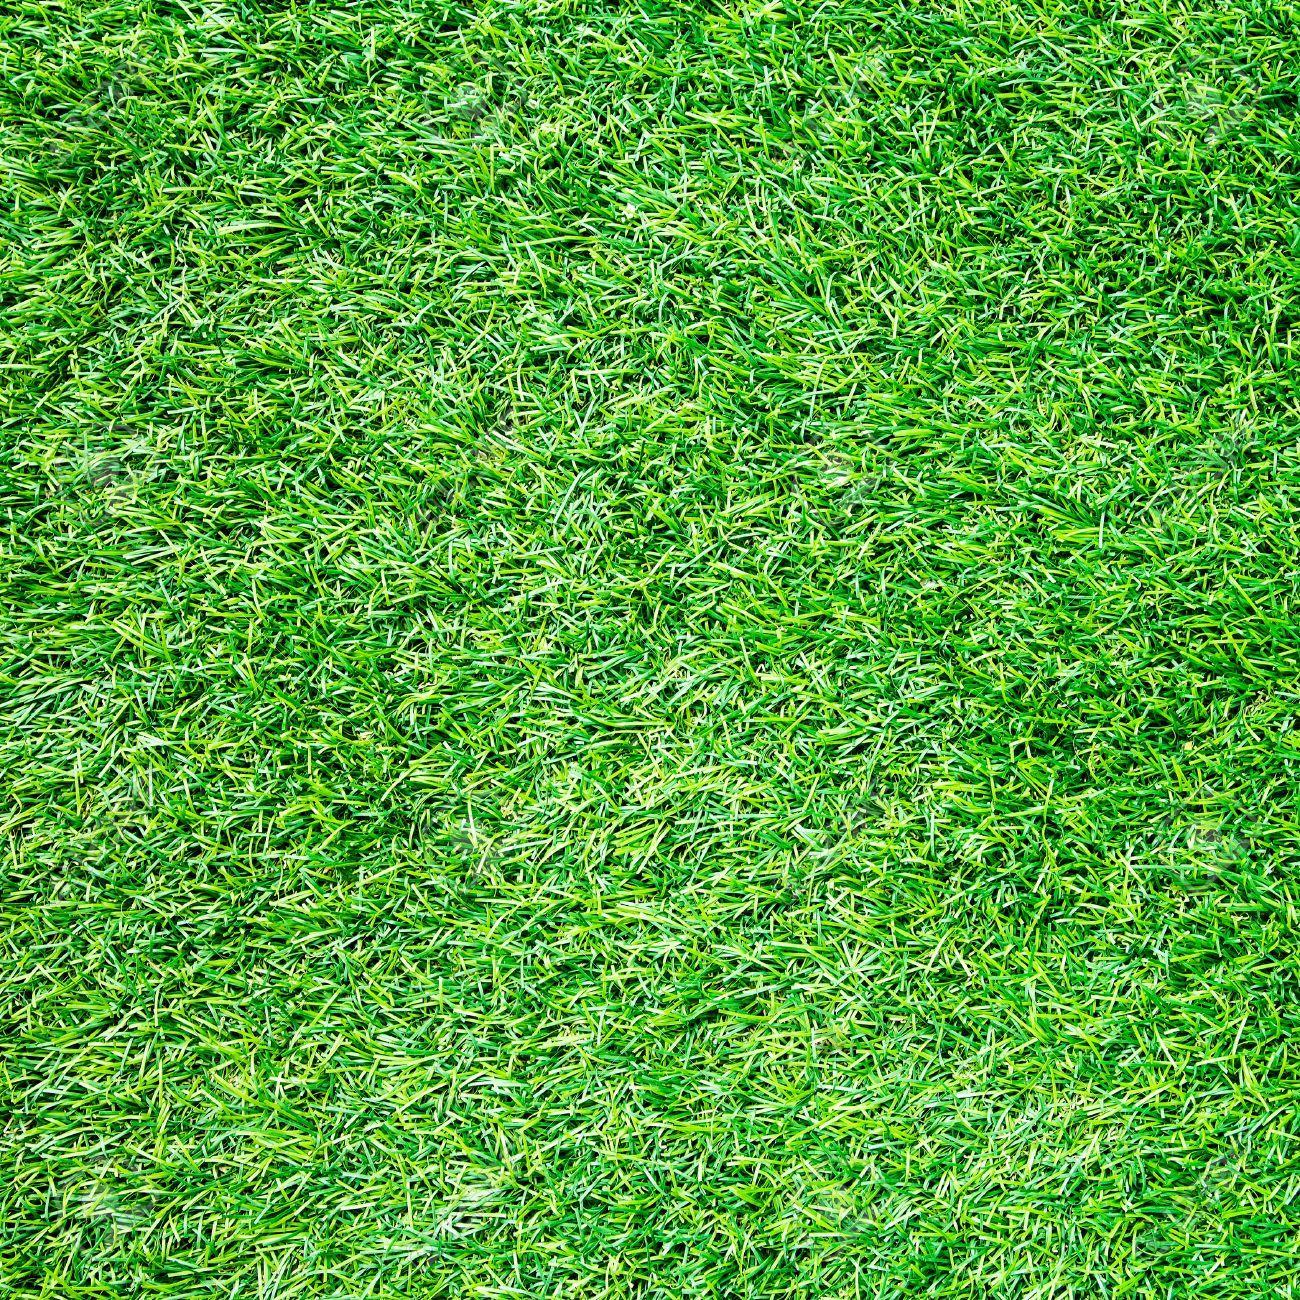 fake grass texture. 18210550-Artificial-Grass-Field-Top-View-Texture--Stock Fake Grass Texture